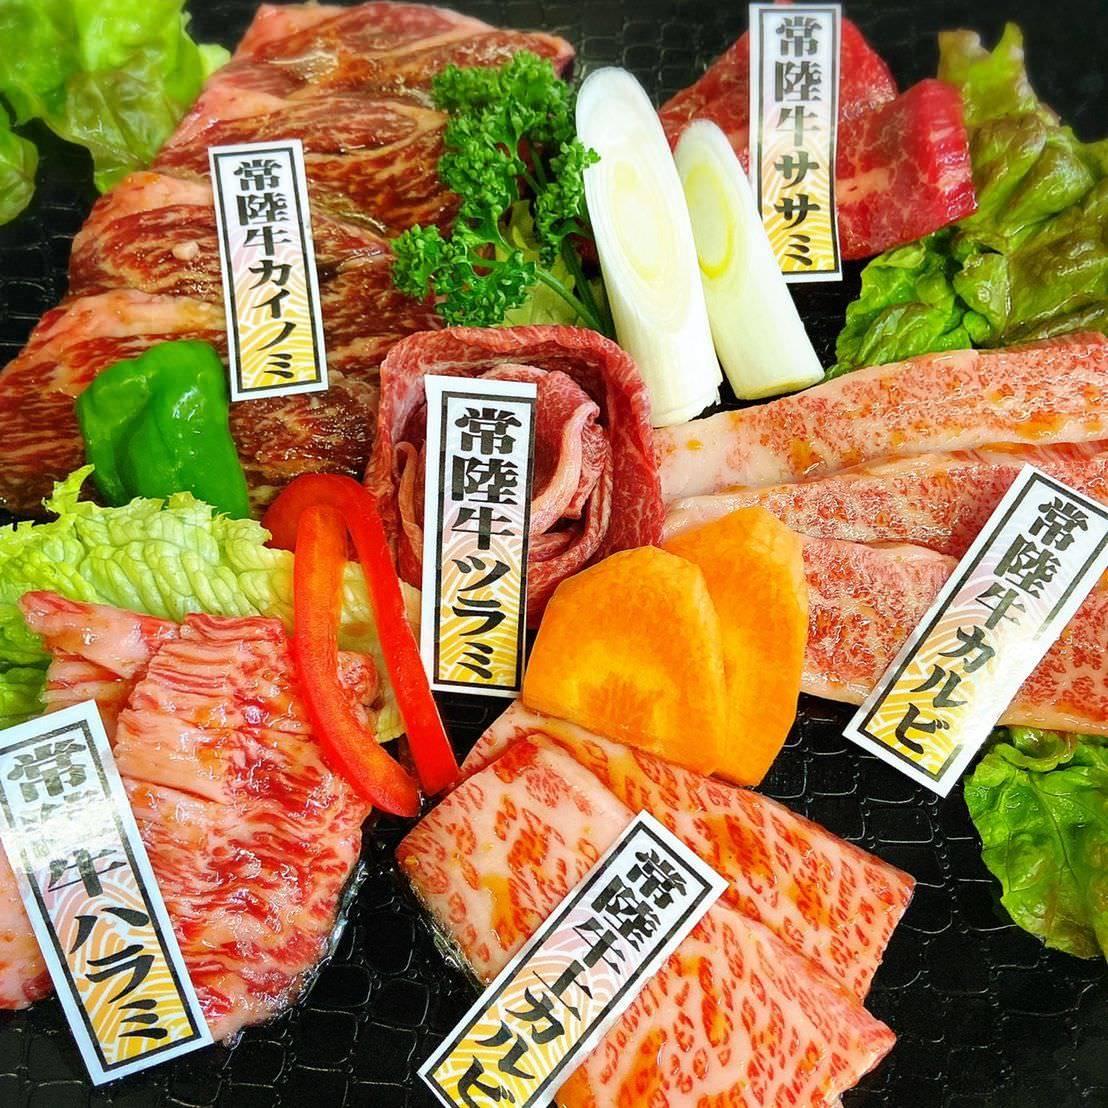 茨城県が誇る常陸牛(ひたちぎゅう)